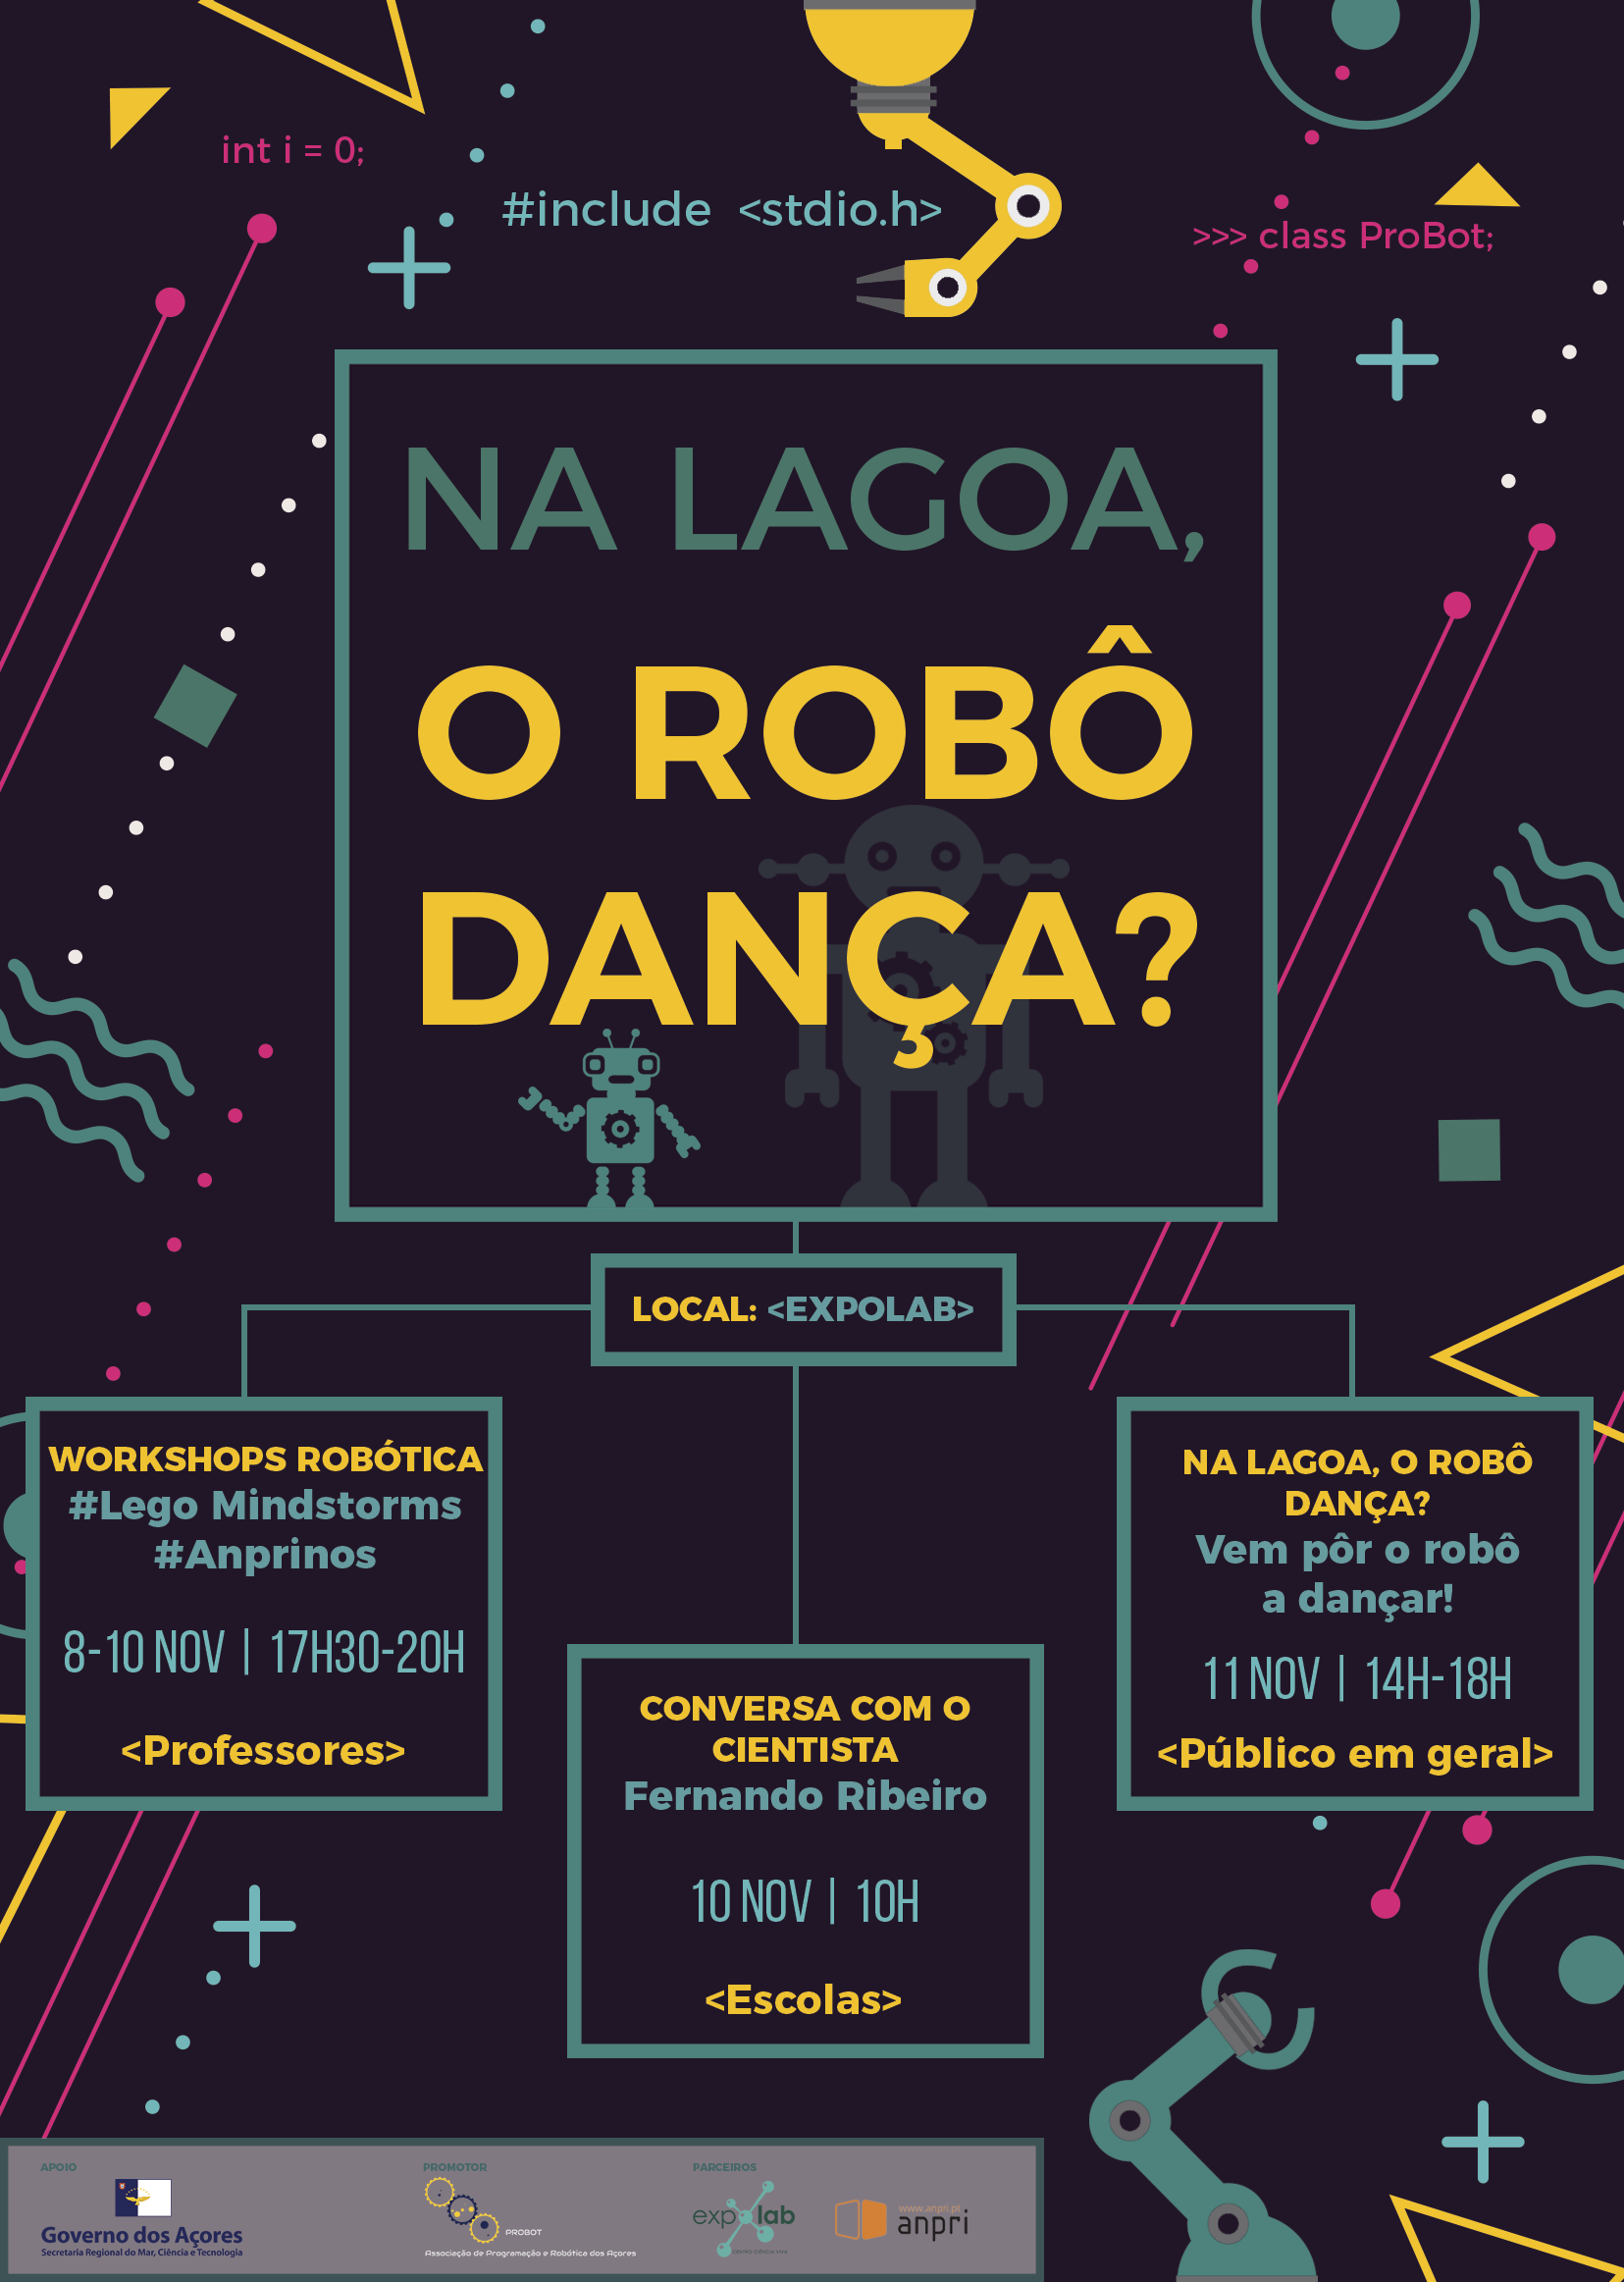 Robo_Danca_Expolab_v5